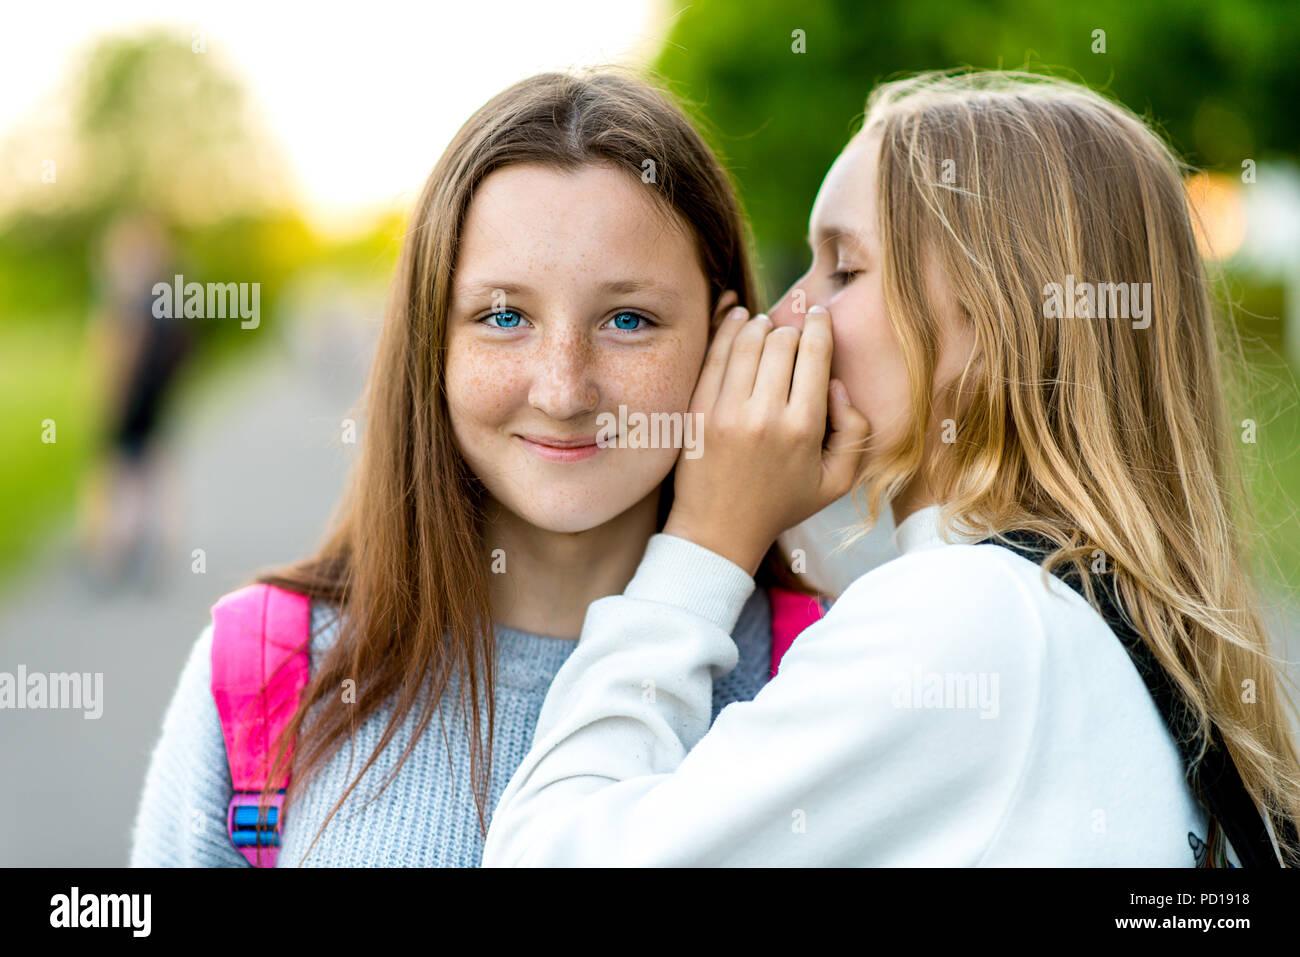 Deux amis fille écolière. À l'été en ville. Un ami dit à l'oreille, un secret, vraiment. La notion de surprise, les meilleurs amis, Don. L'émotion du bonheur, c'est le plaisir d'un sourire. Photo Stock